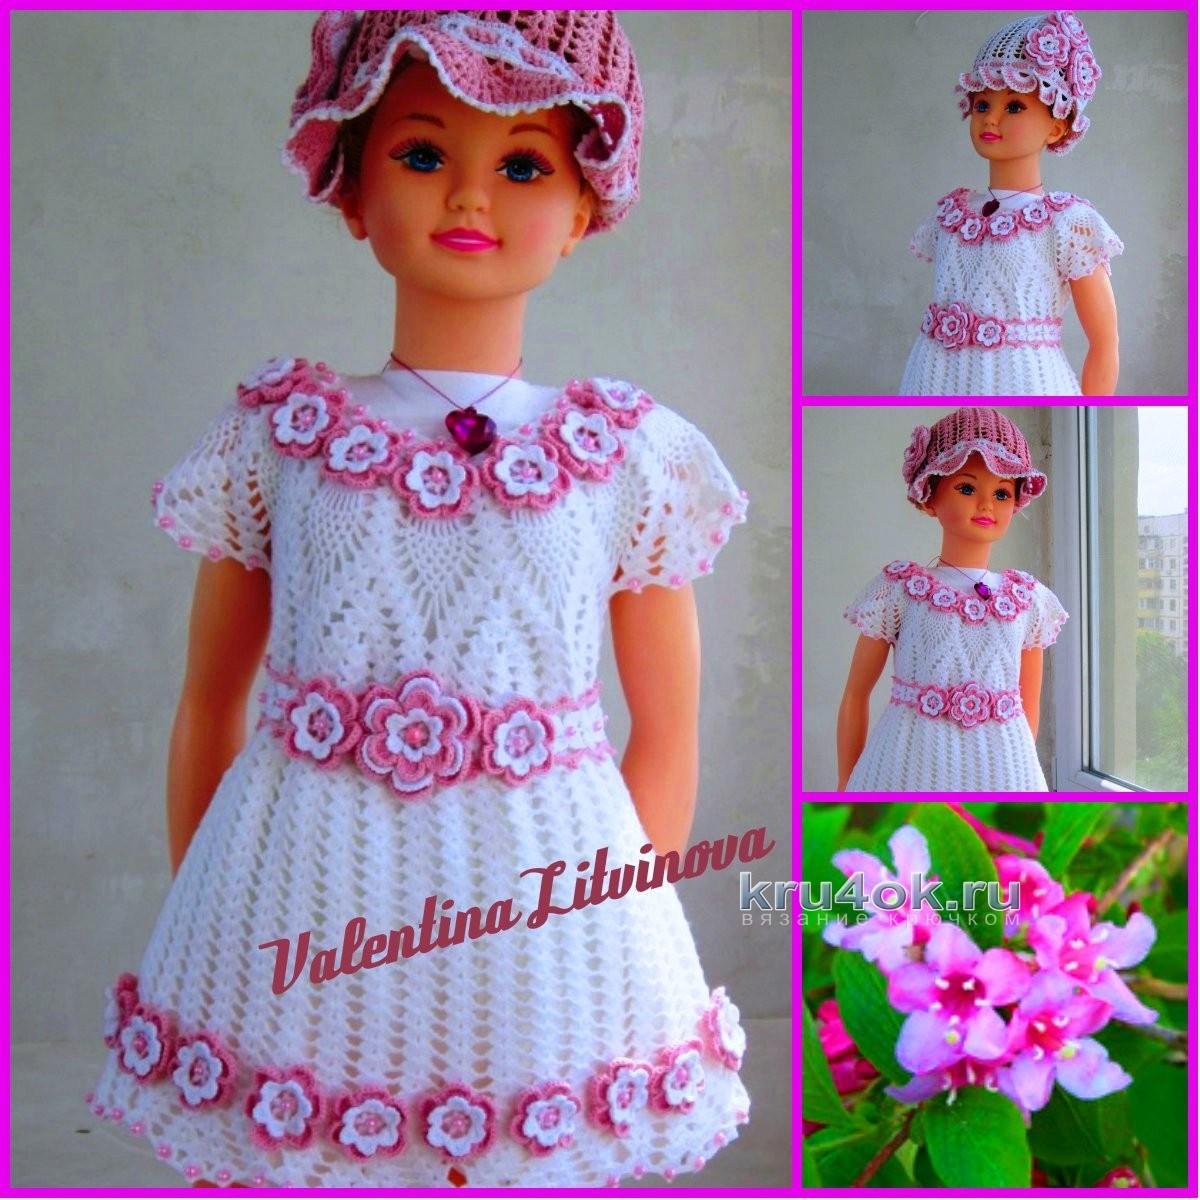 Как украсить вязаное платье для девочки своими руками 39